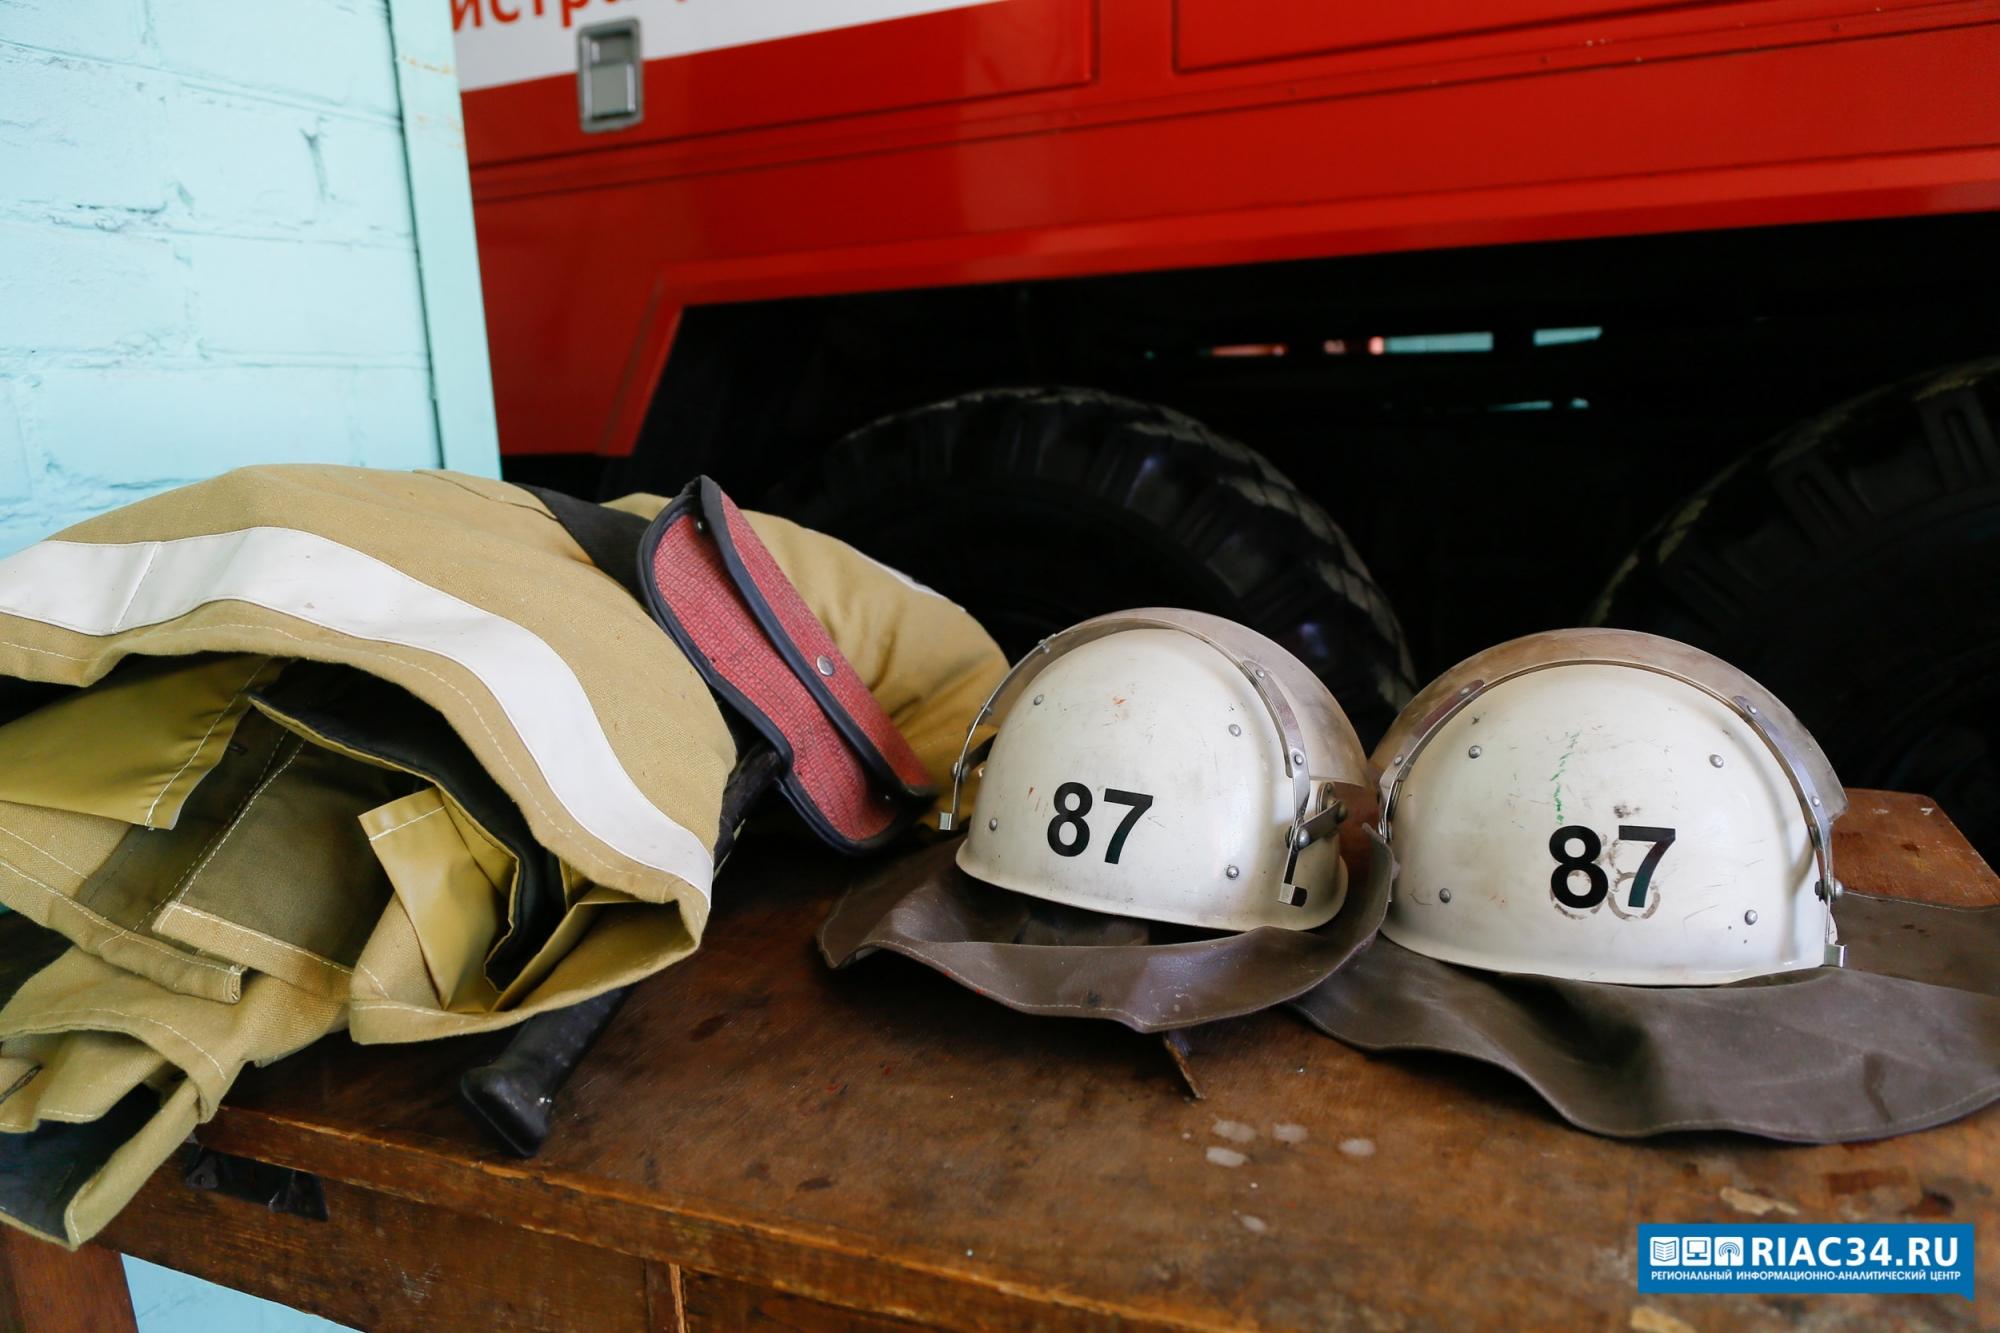 ВВолгограде пожарные зачас потушили крупное возгорание